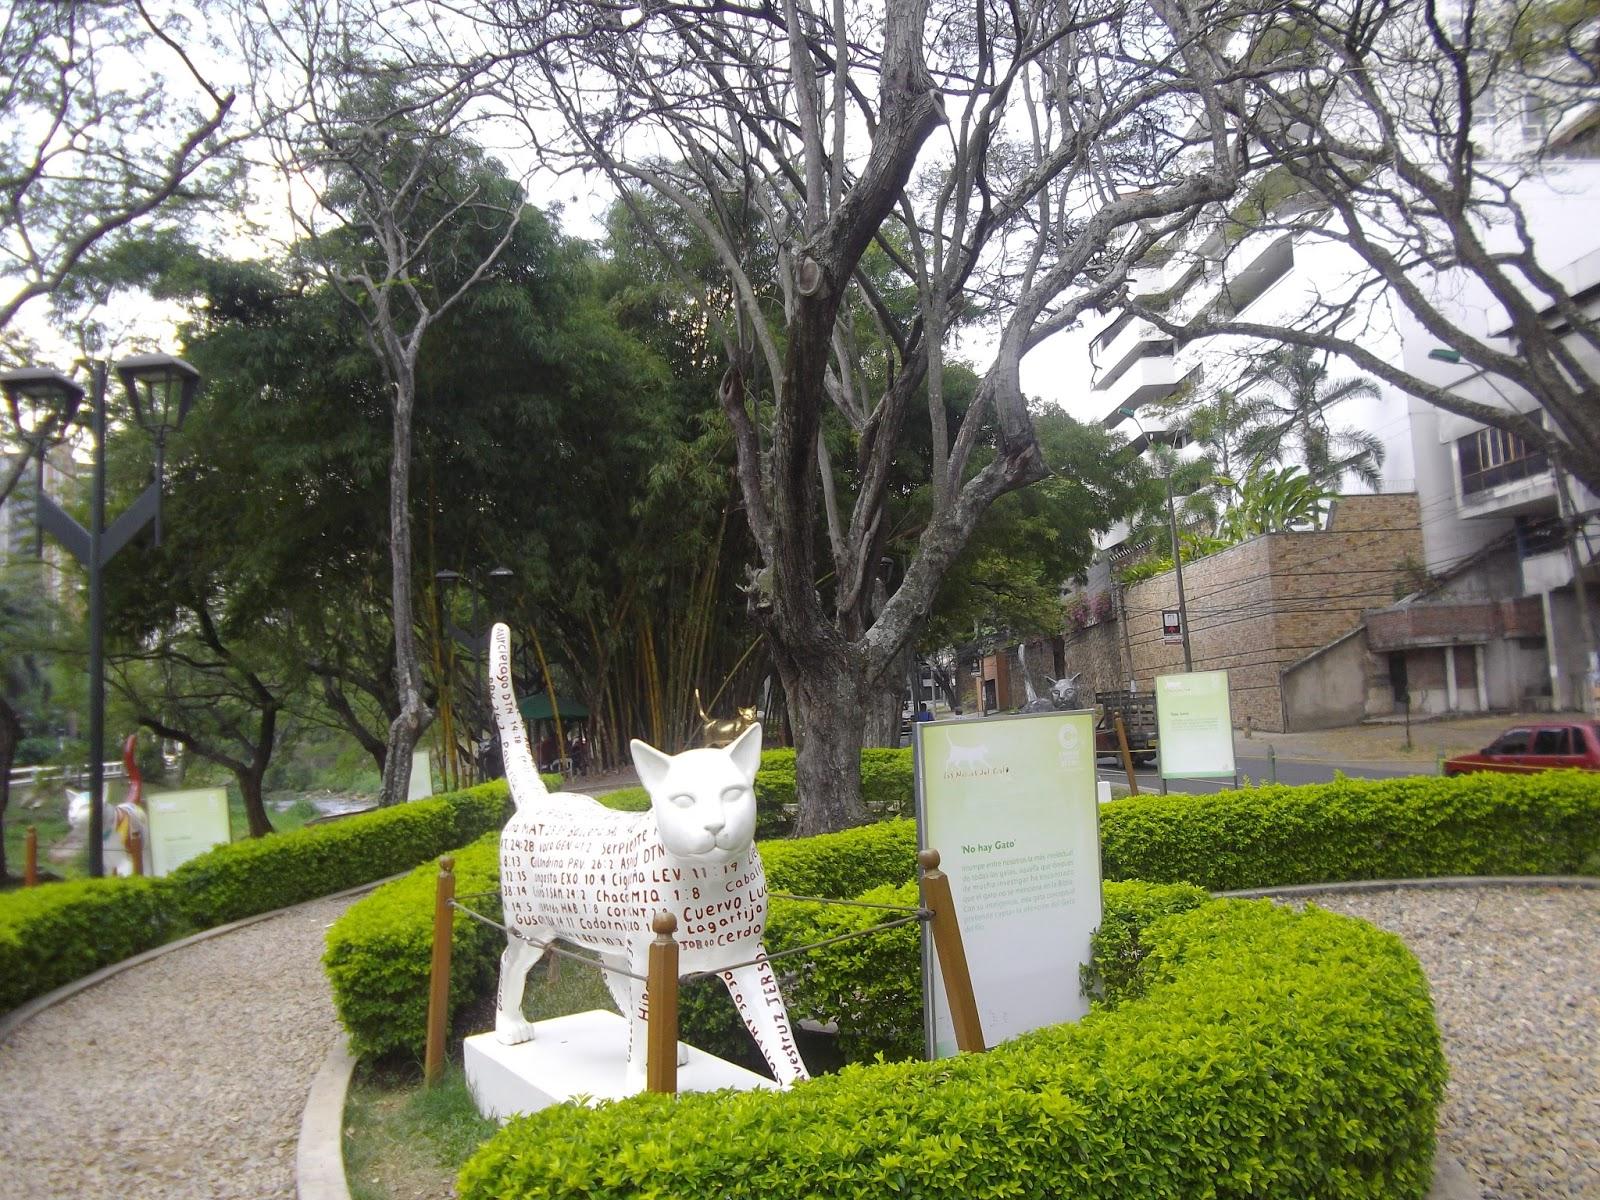 Les aventures de michelle las aventuras de michelle en for Barrio el jardin cali colombia